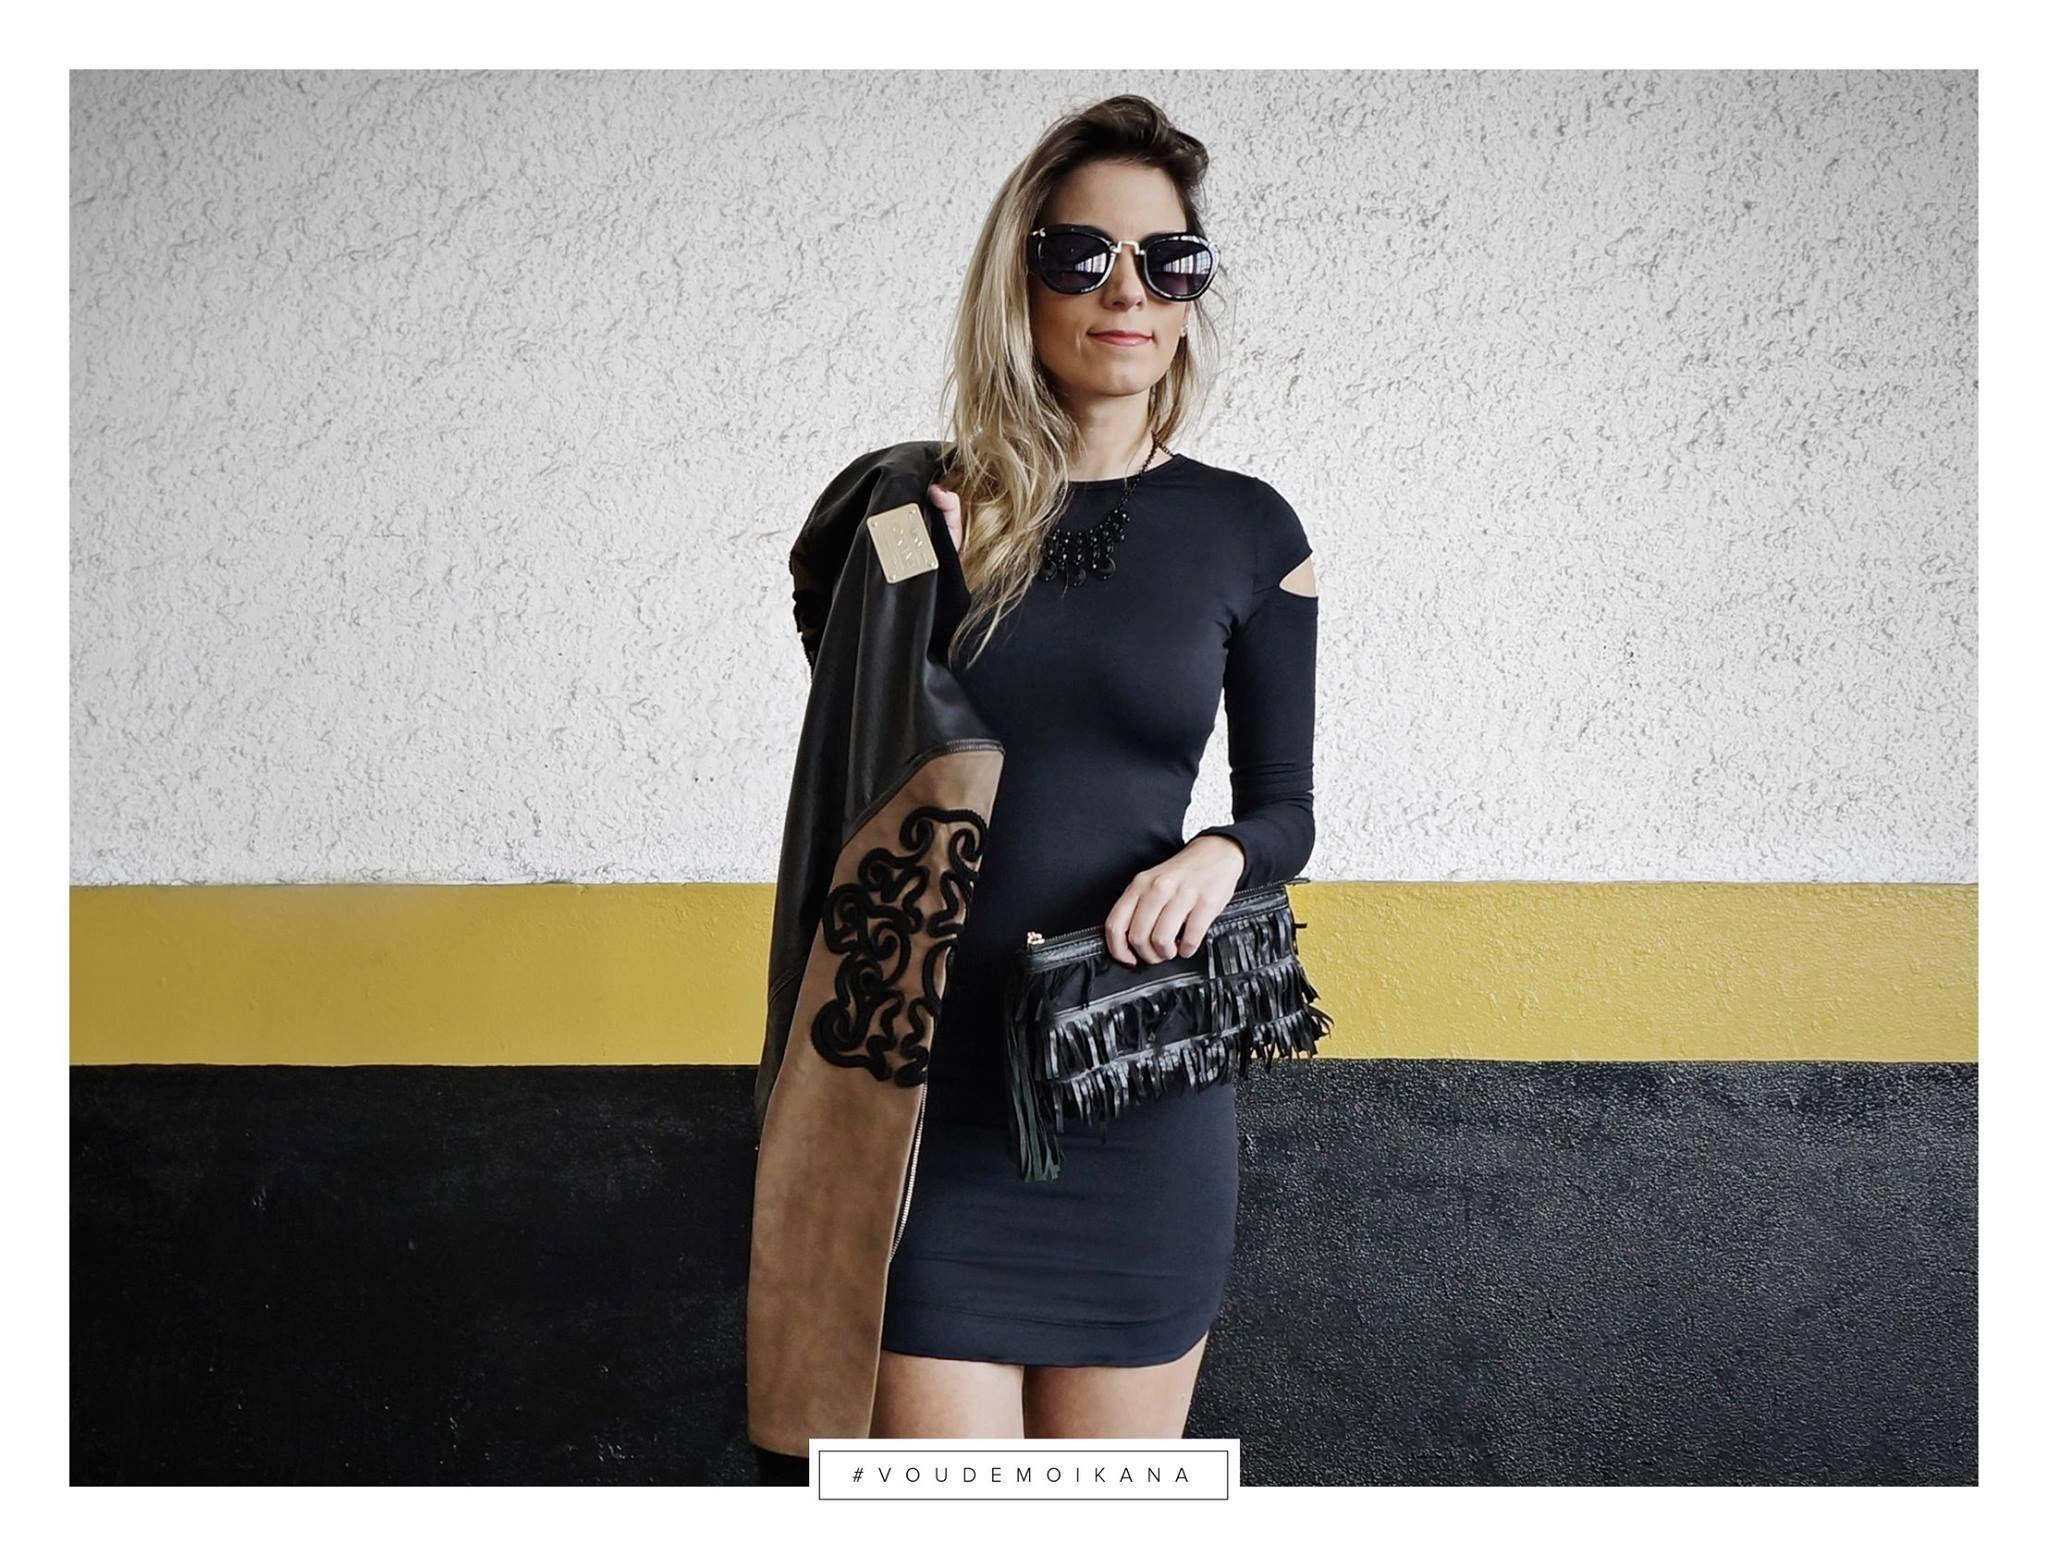 A blogger Renata Olah - Personal Stylist escolheu nosso dress com shape justinho + jaqueta de couro pra passar essa quarta-feira gelada em grande estilo! Quem amou?  #voudemoikana